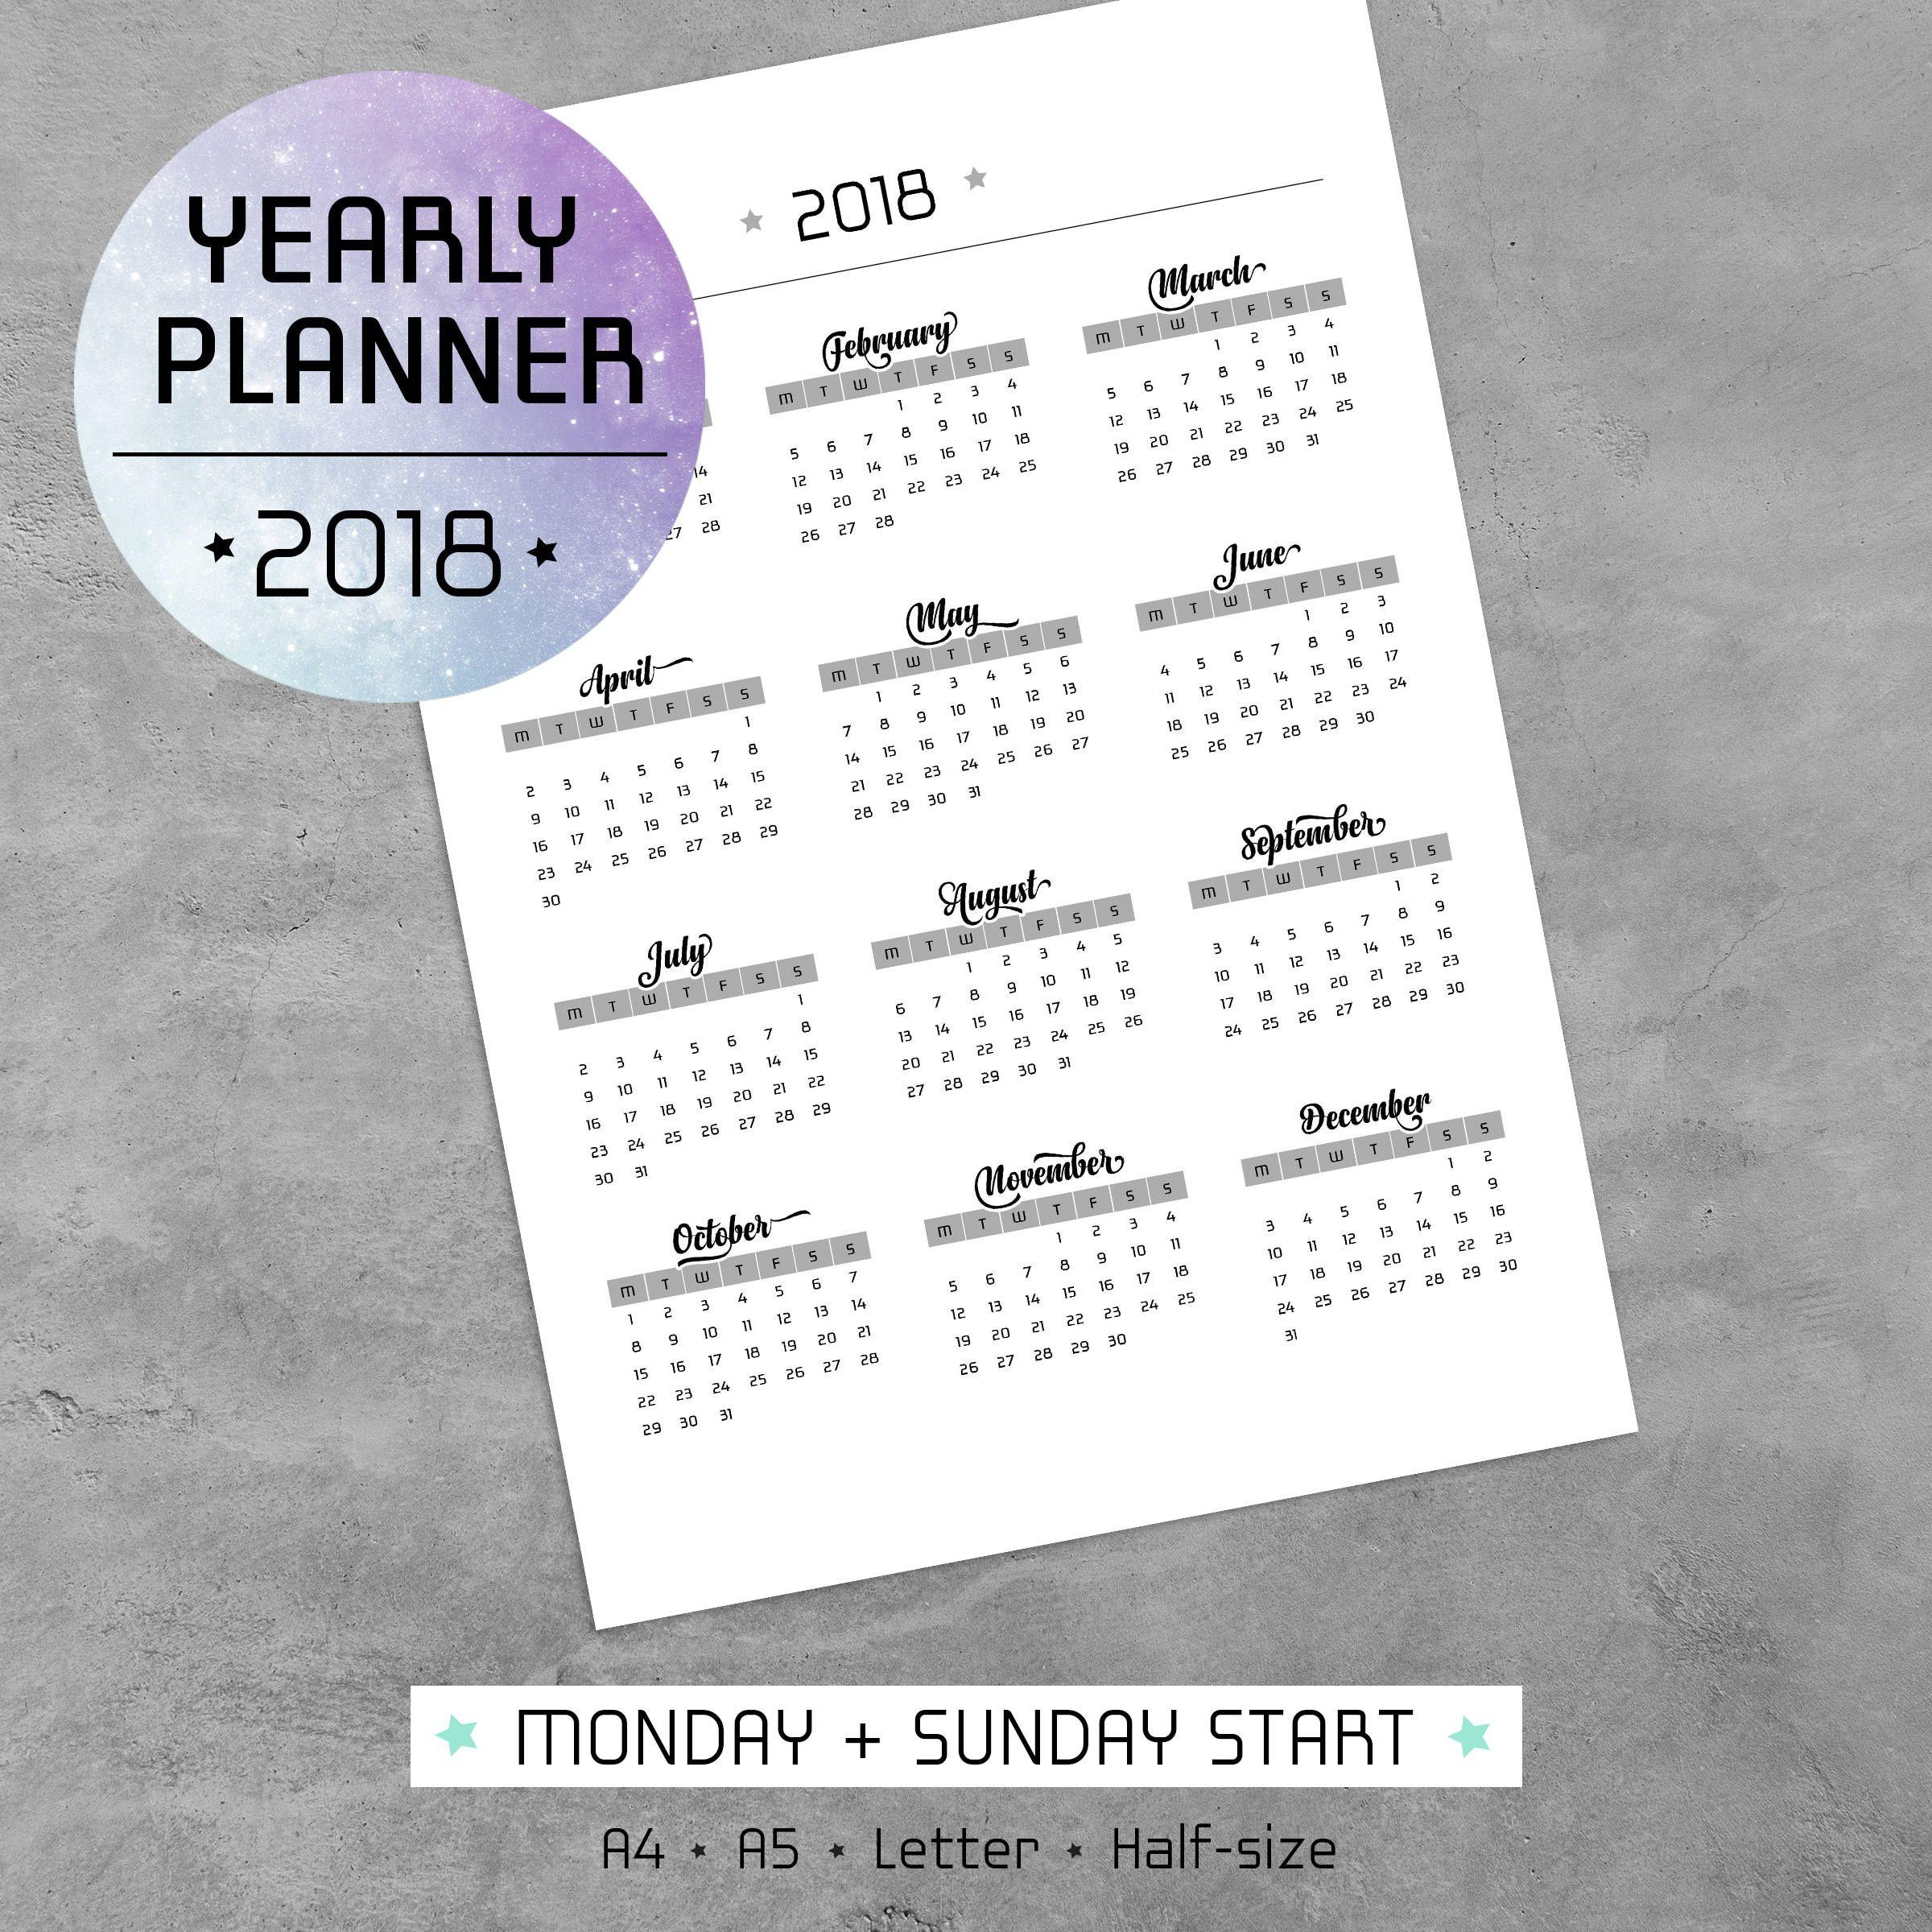 Imprima su propio calendario 2018 utilizando nuestra plantilla PDF ...